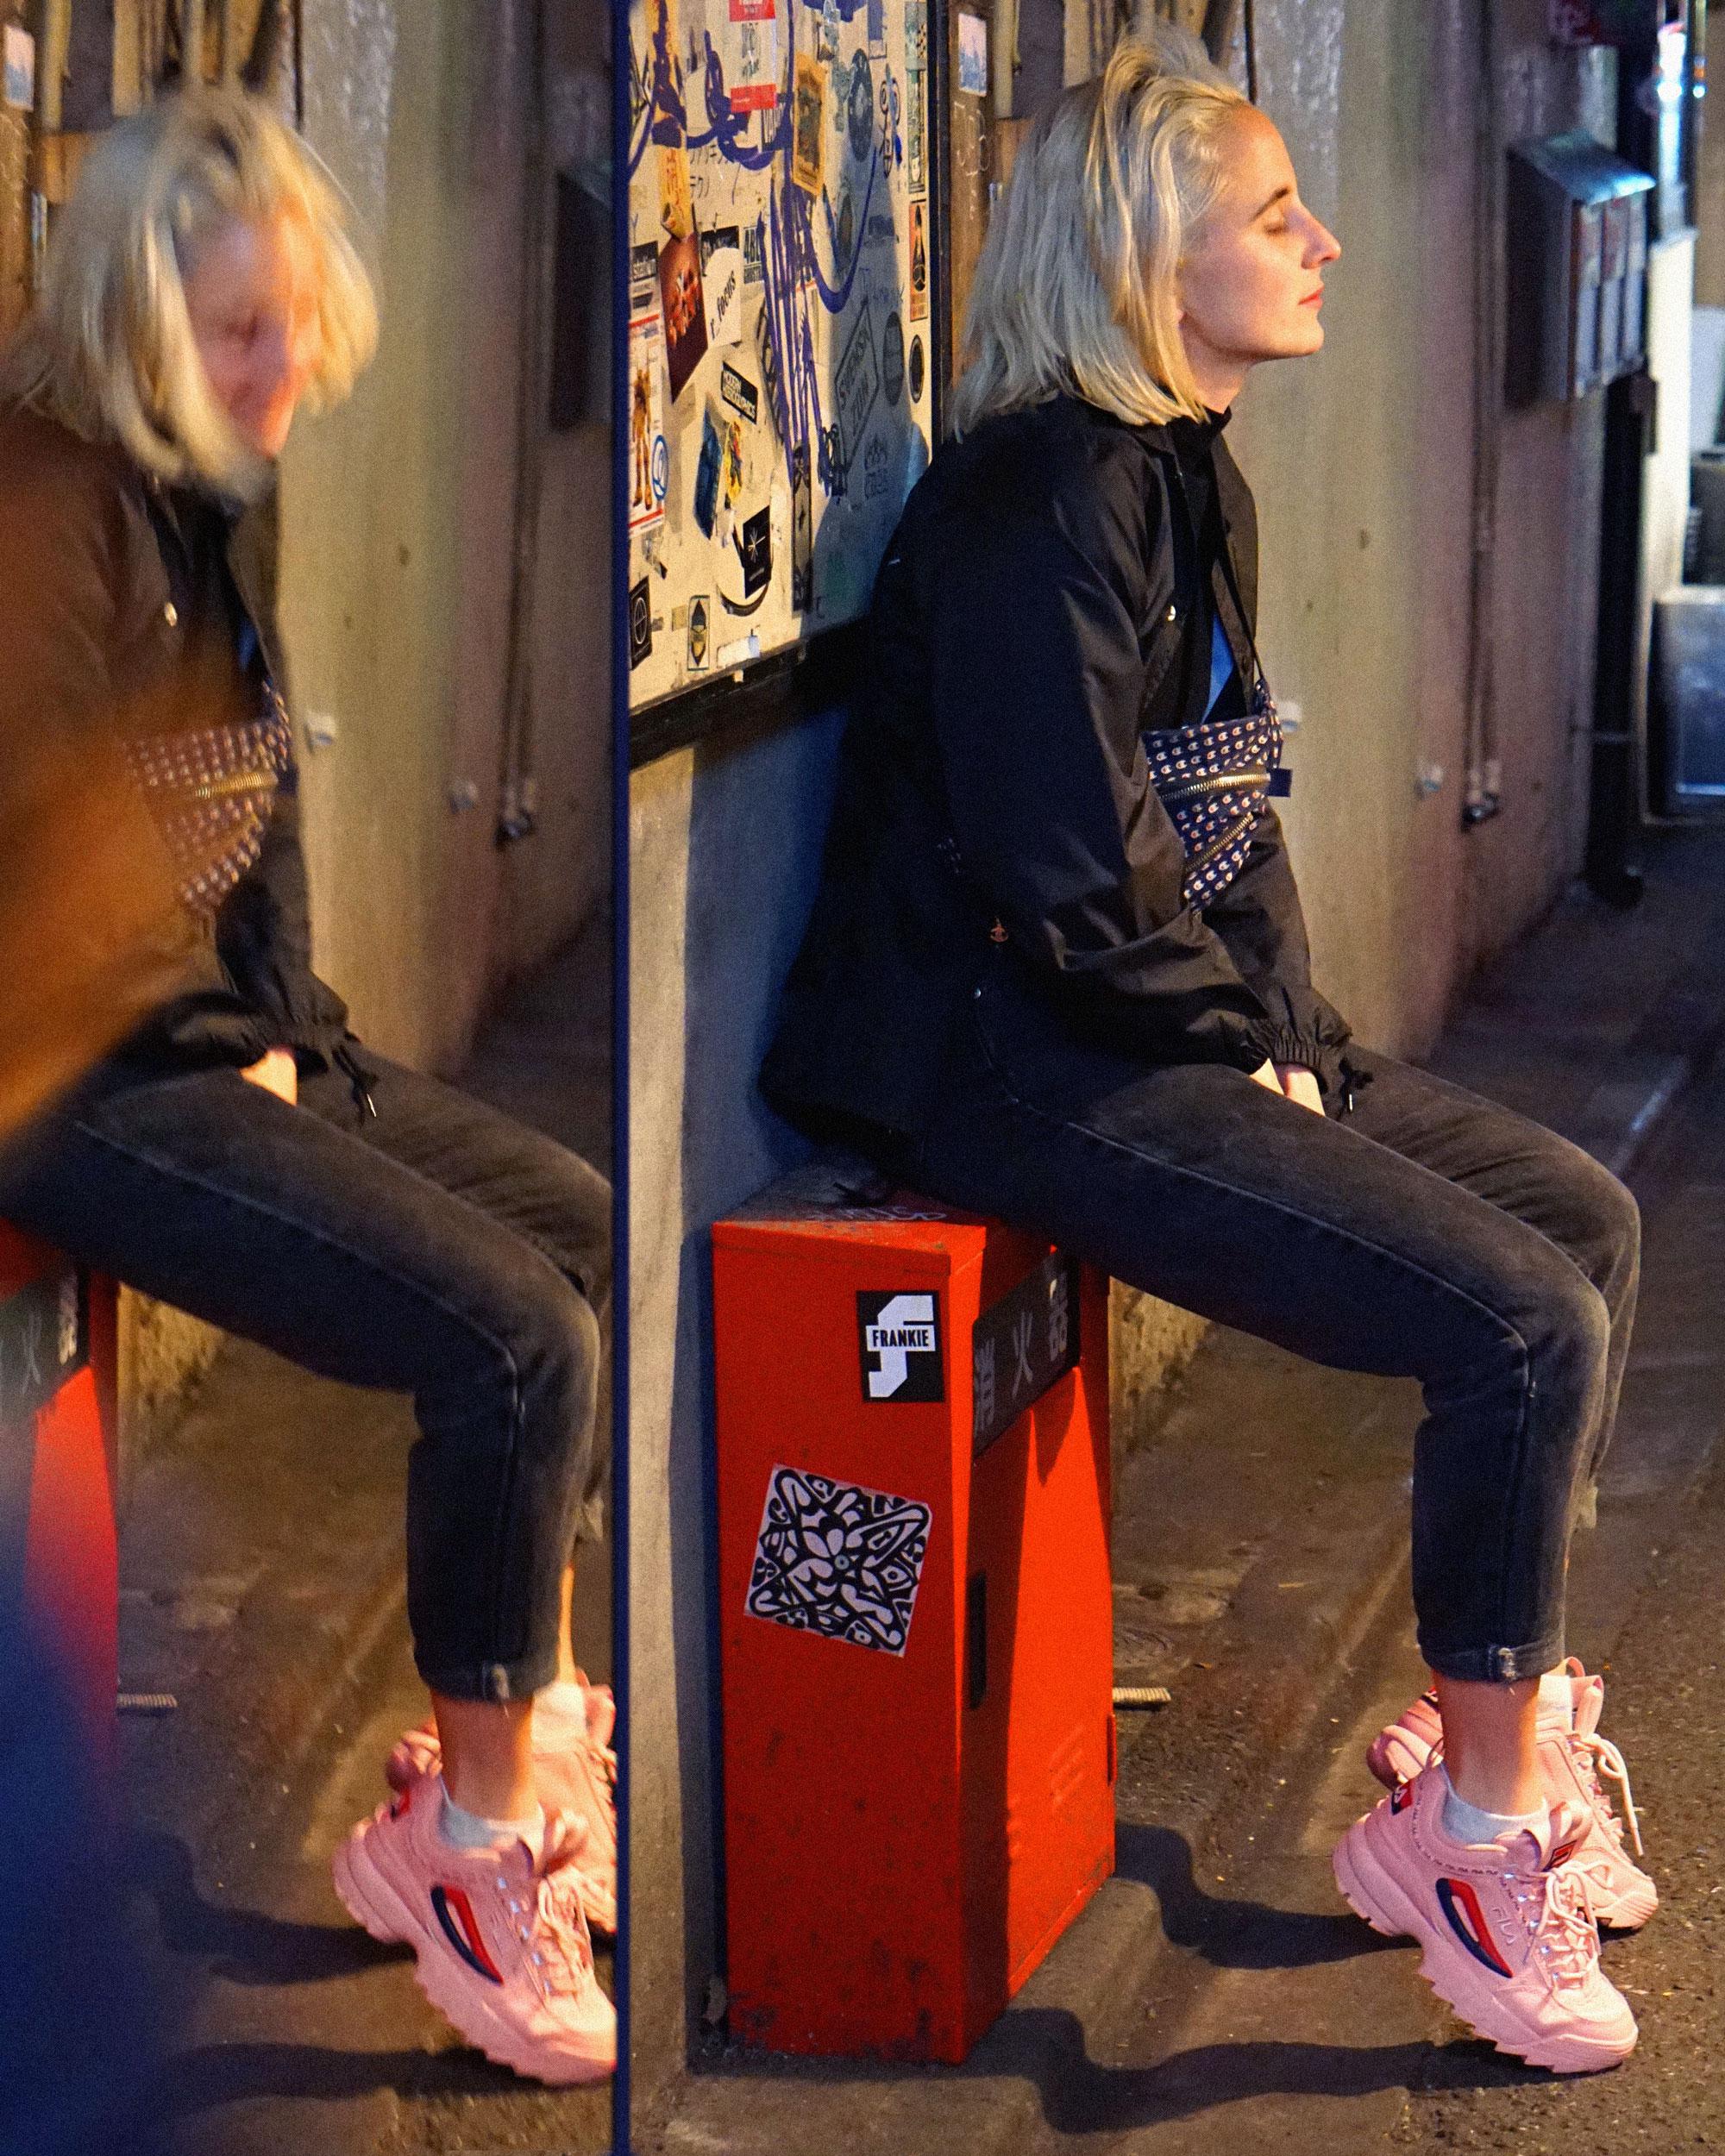 alex-laniosz-japan-street-blonde.jpg